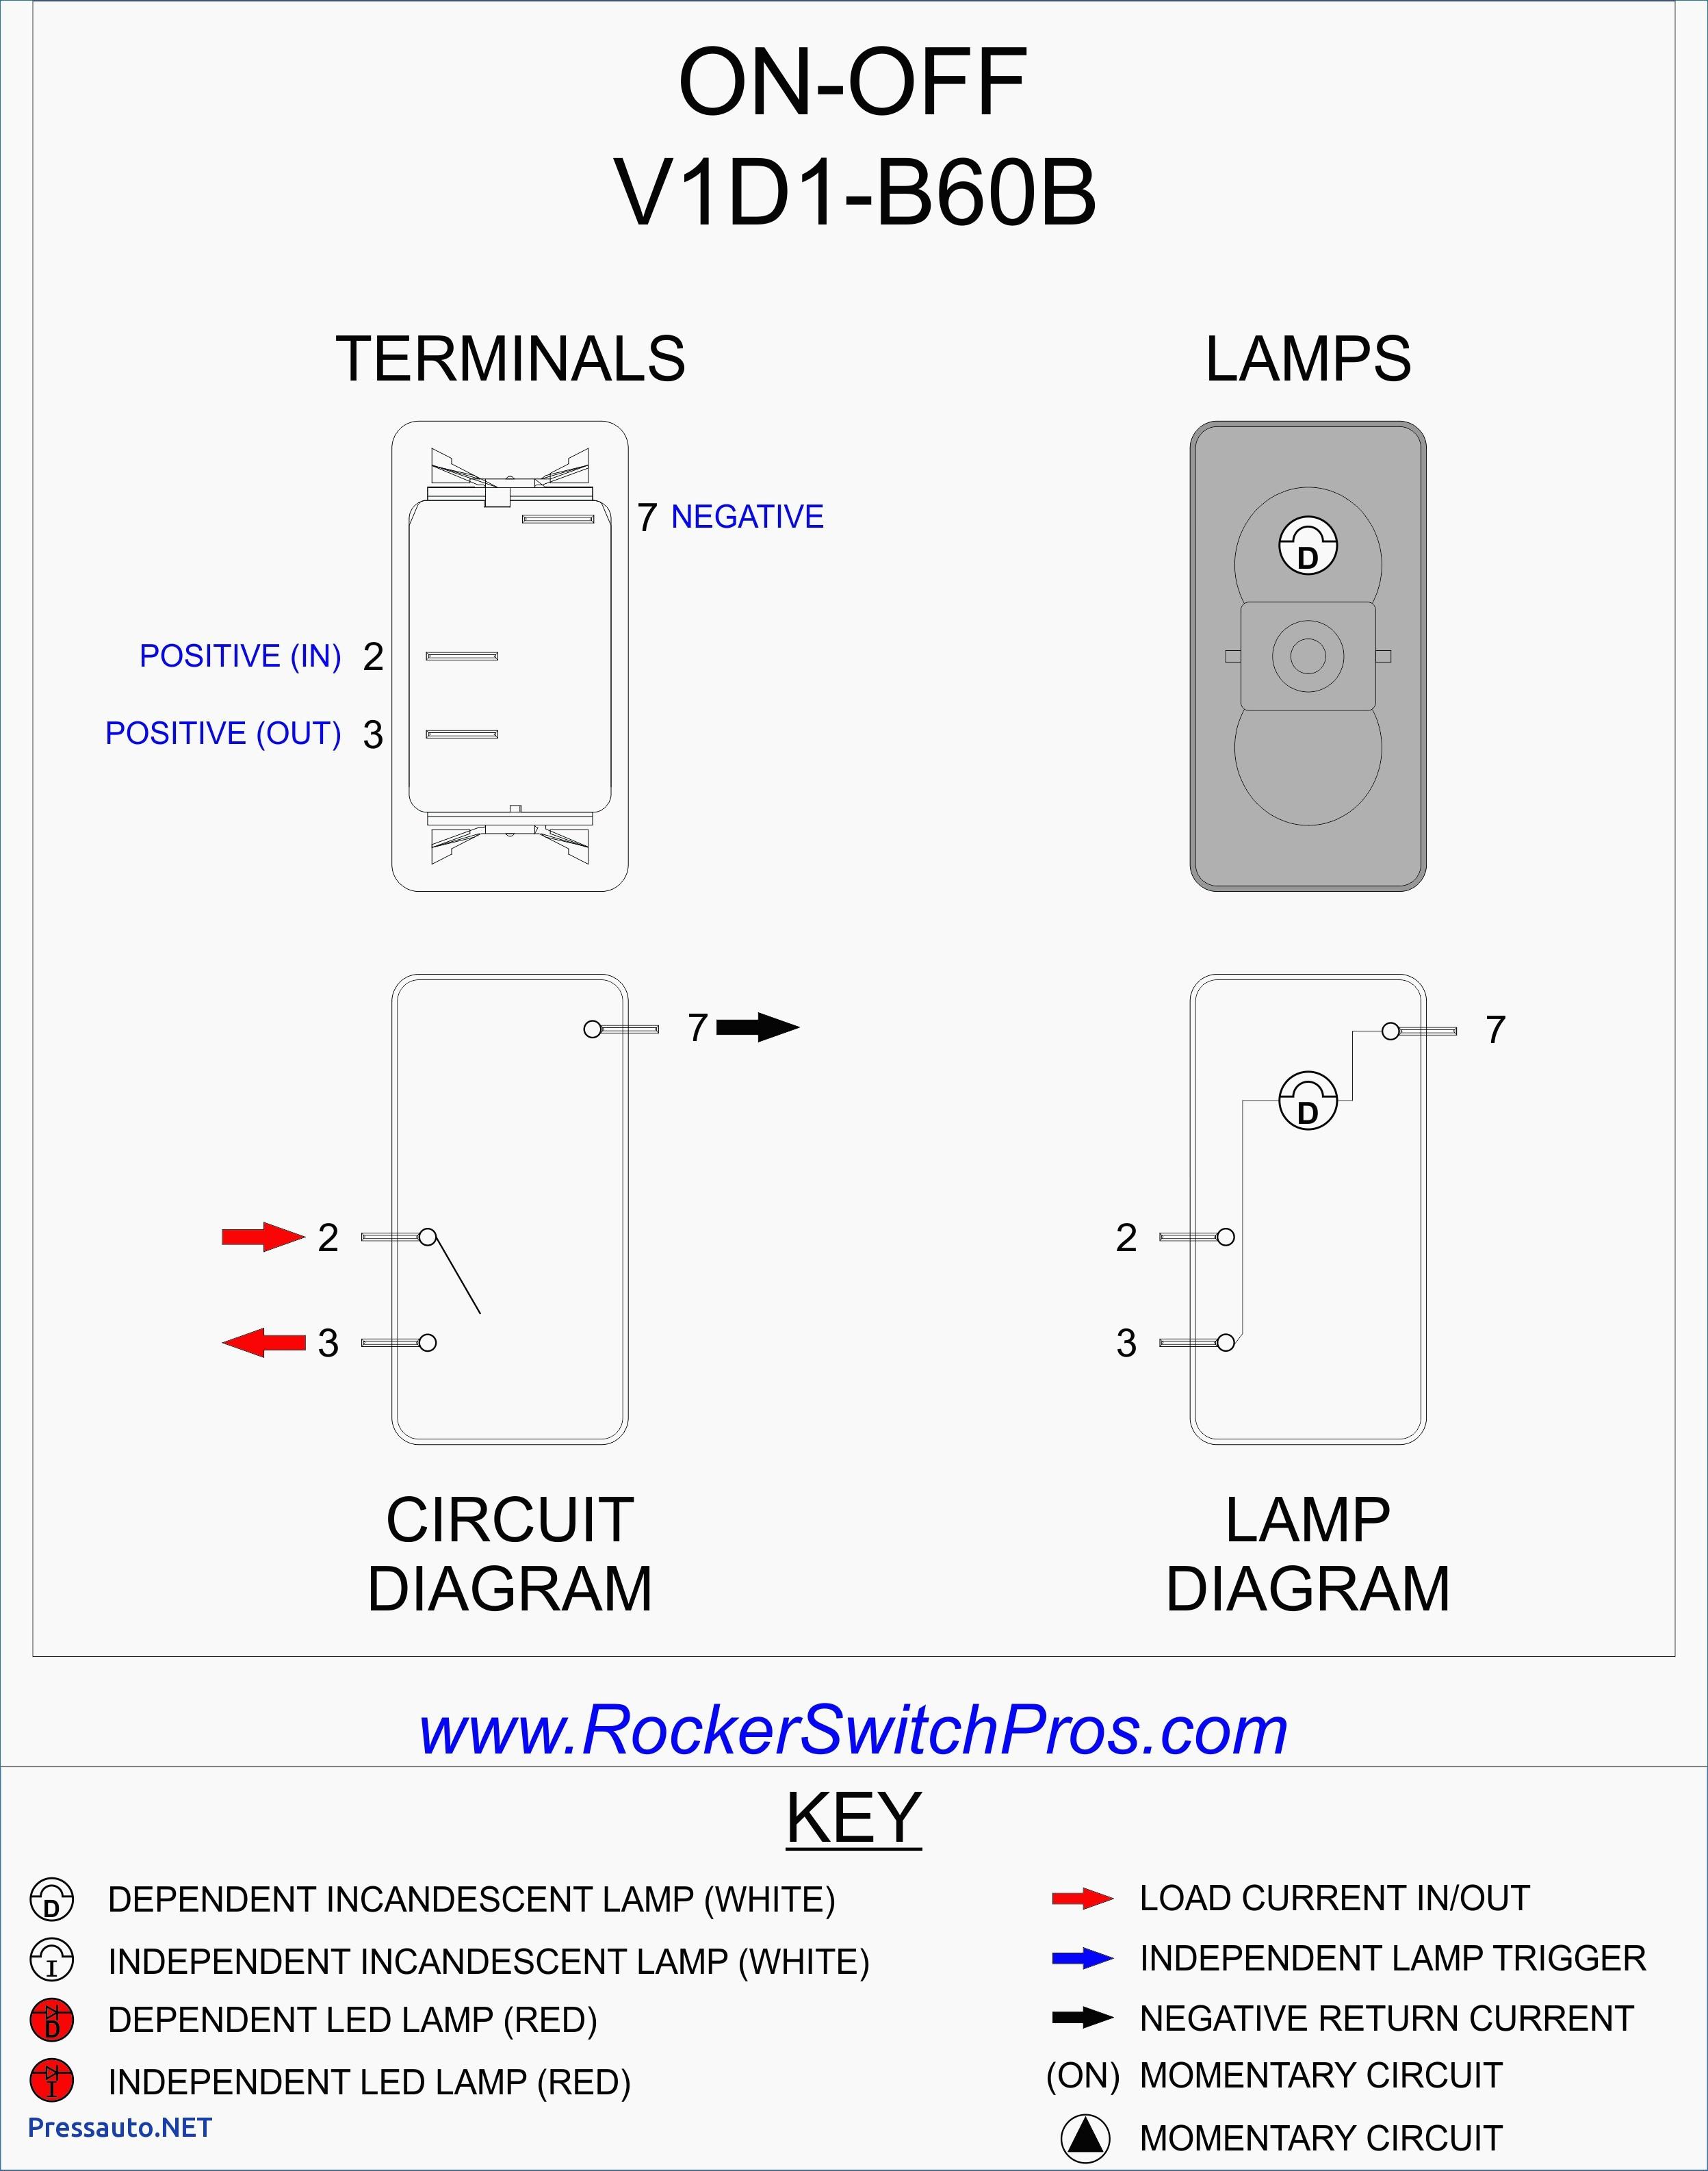 spdt rocker switch wiring diagram Collection-Dpdt Switch Wiring Diagram Guitar New Dpdt Switch Wiring Diagram Guitar Fresh Spdt Rocker Switch Wiring 17-b